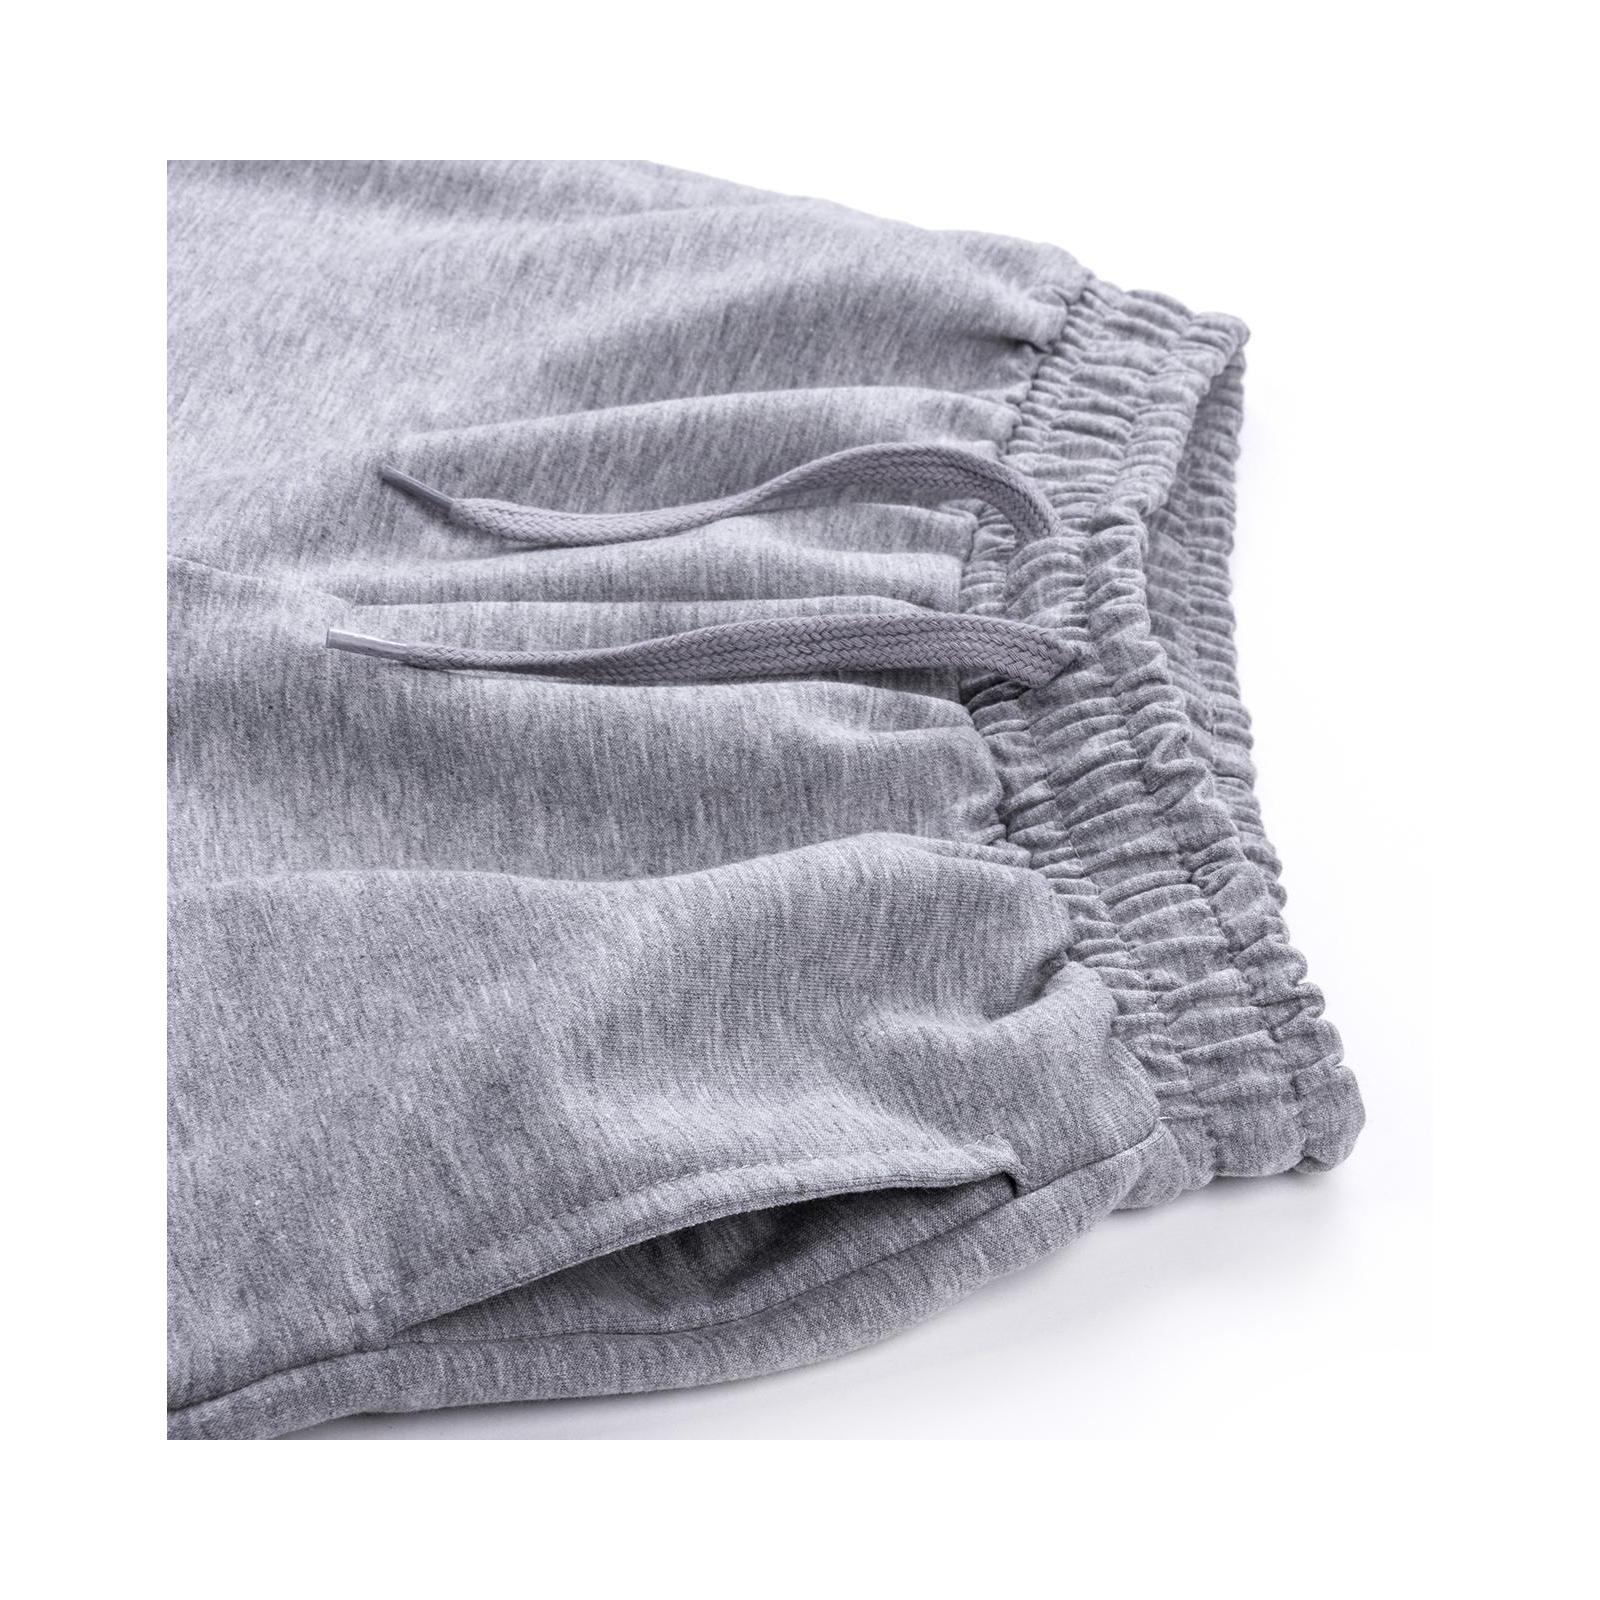 Шорты Breeze трикотажные с карманами (10755-128B-gray) изображение 5